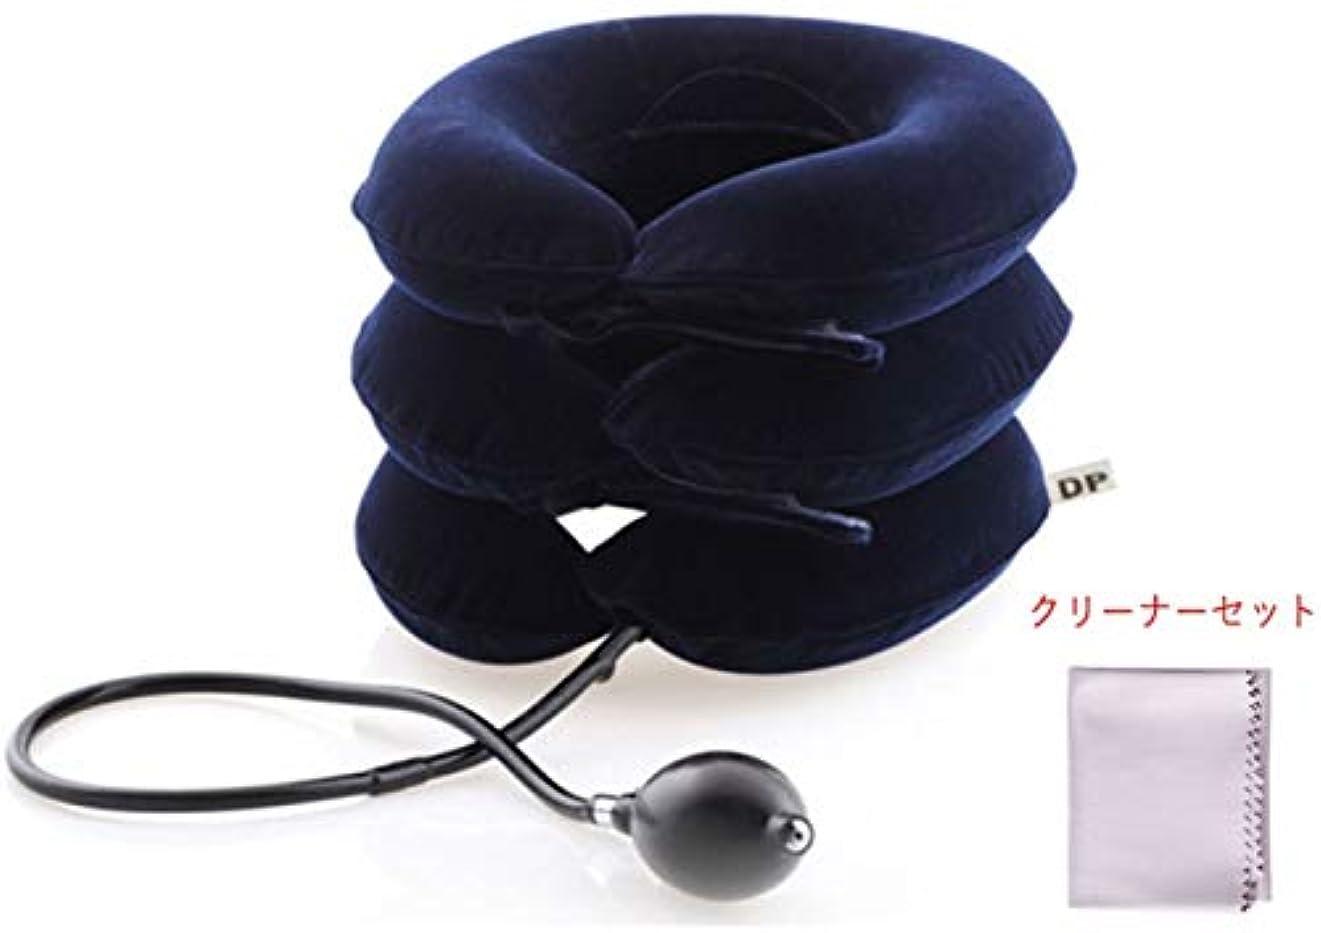 しないでください有効化手術D-drempating ネックストレッチャー 家庭用 エアー ポンプ タイプ エアーマッサージ グッズ 高級スエード 首 肩こり